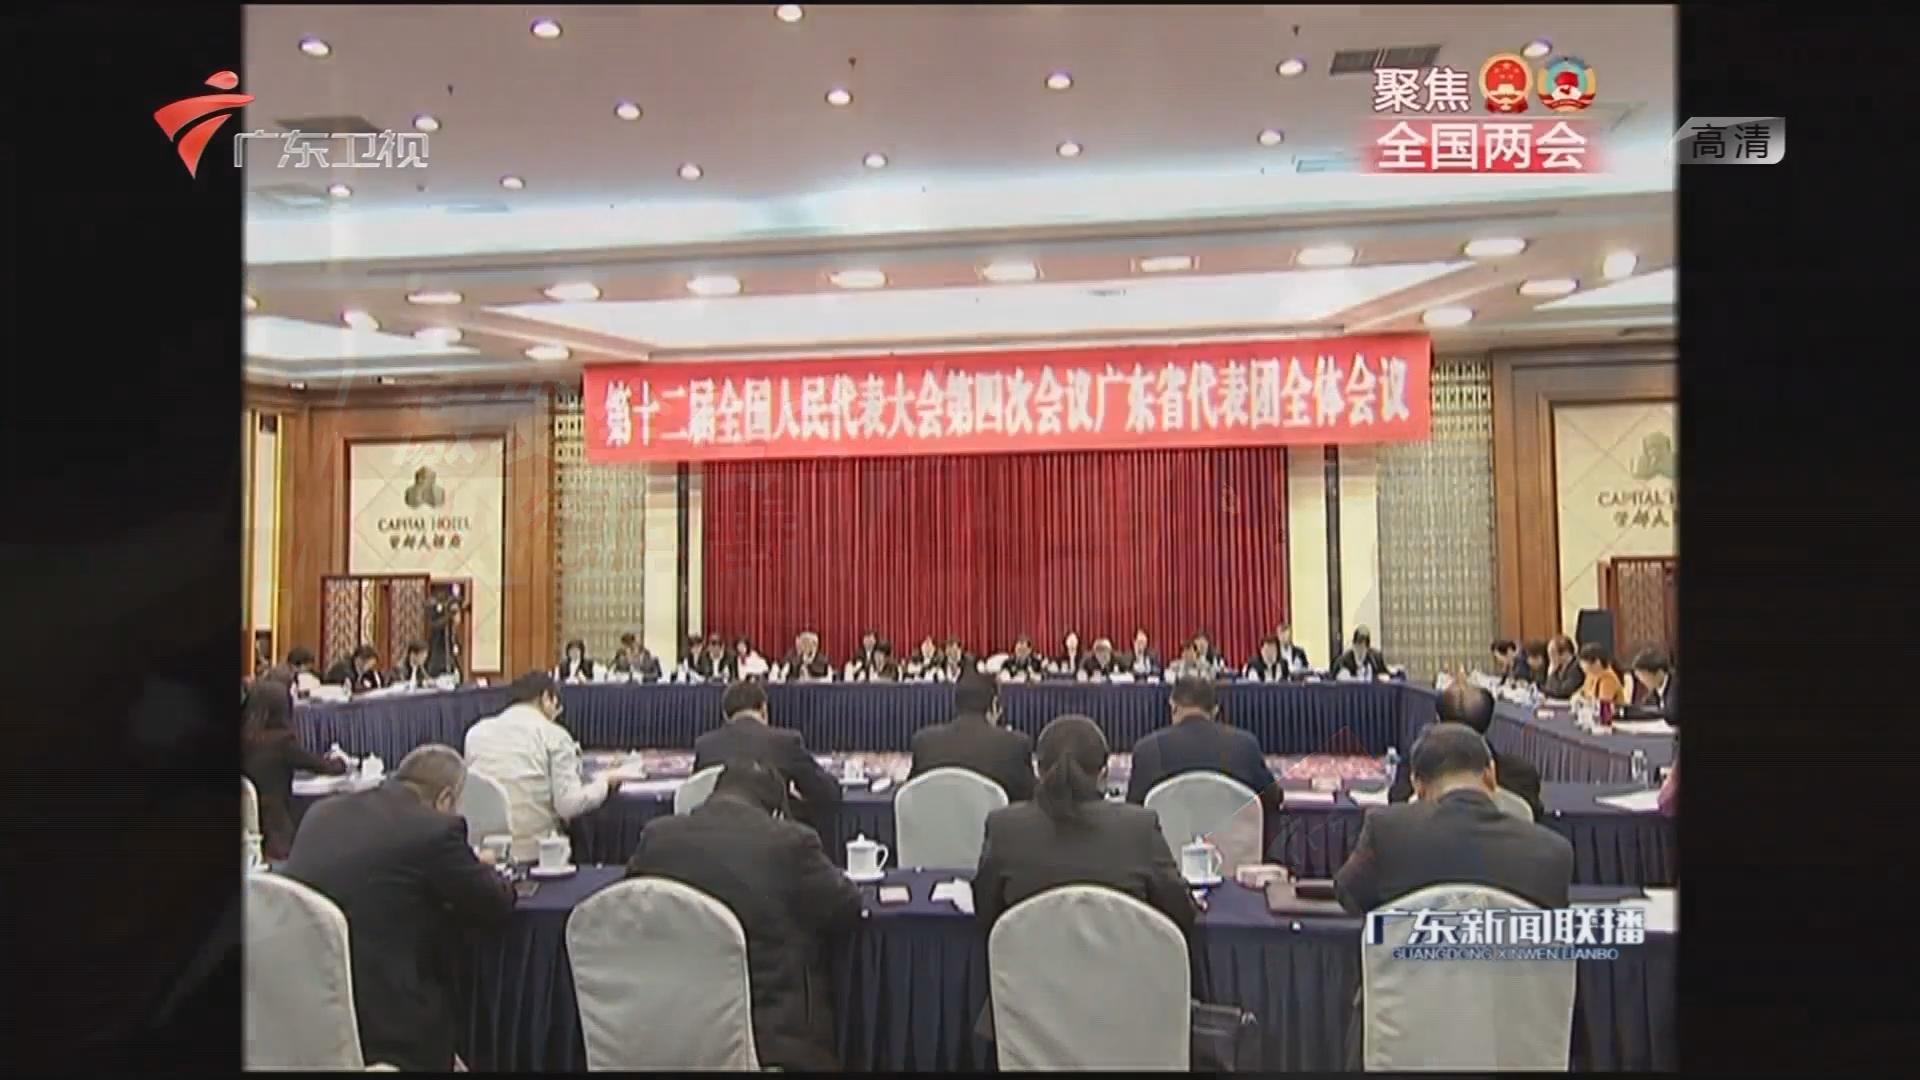 广东代表团举行全体会议 审议慈善法草案